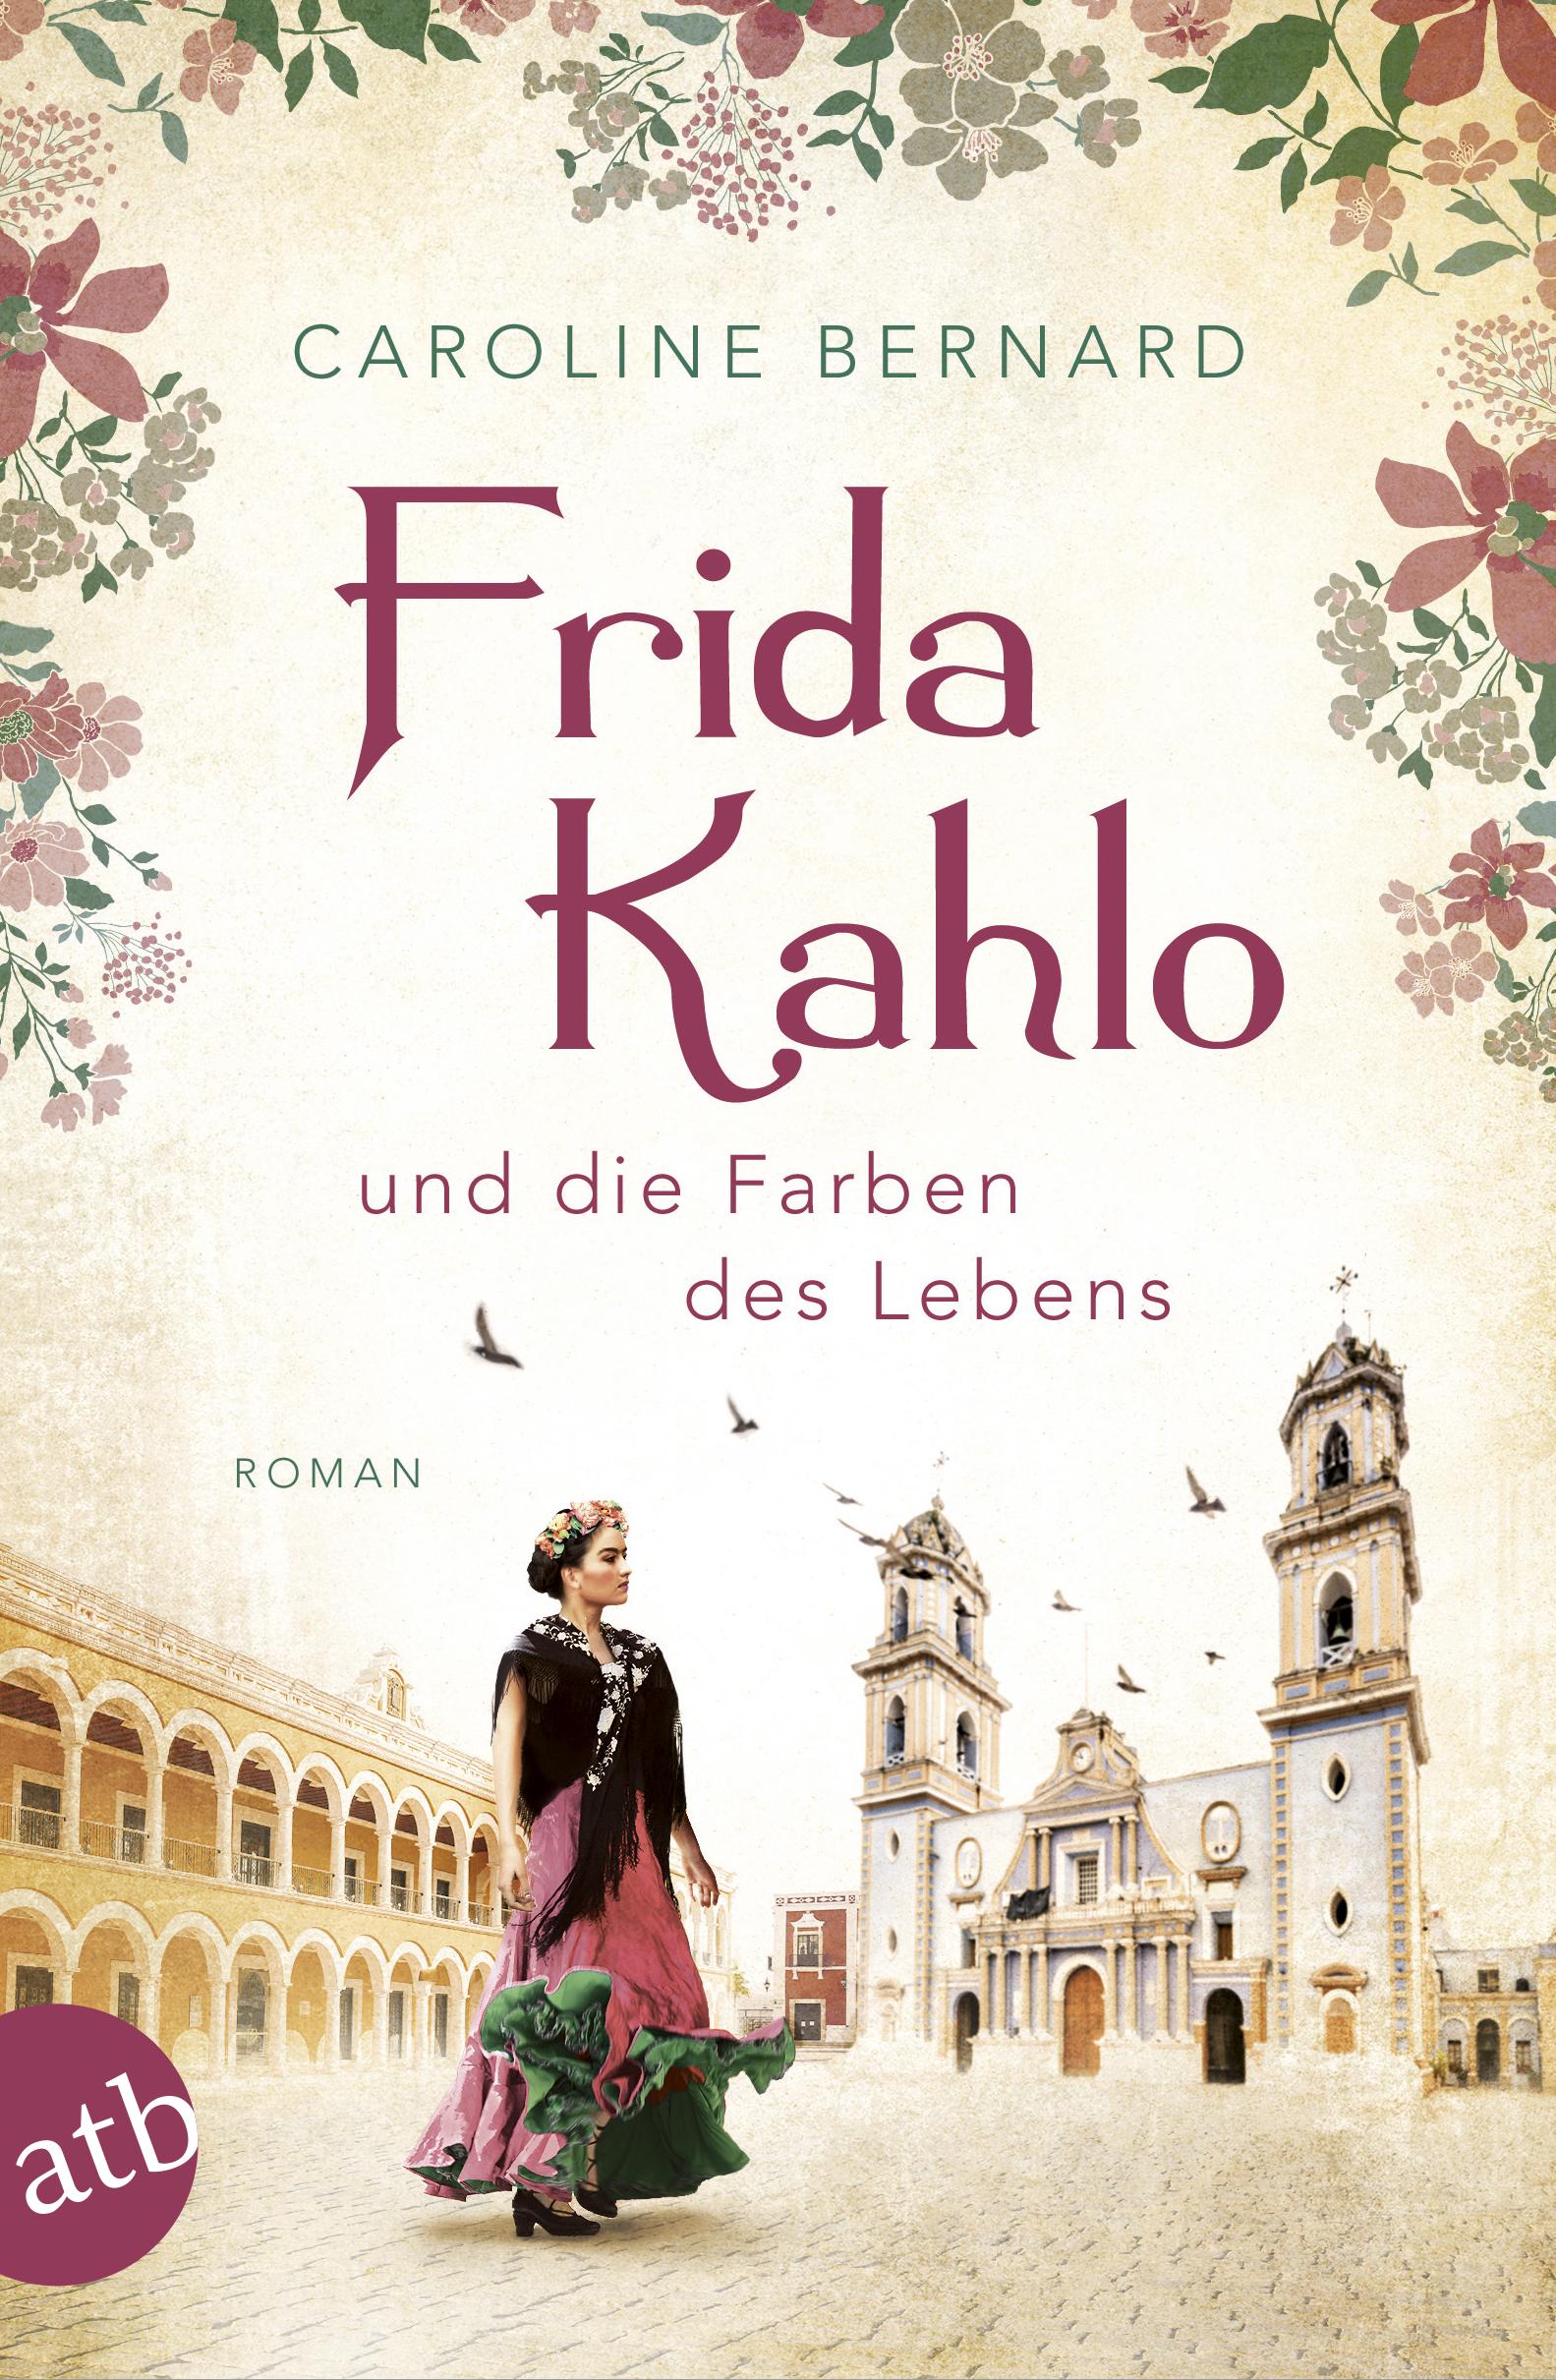 Tania Schlie - Bücher